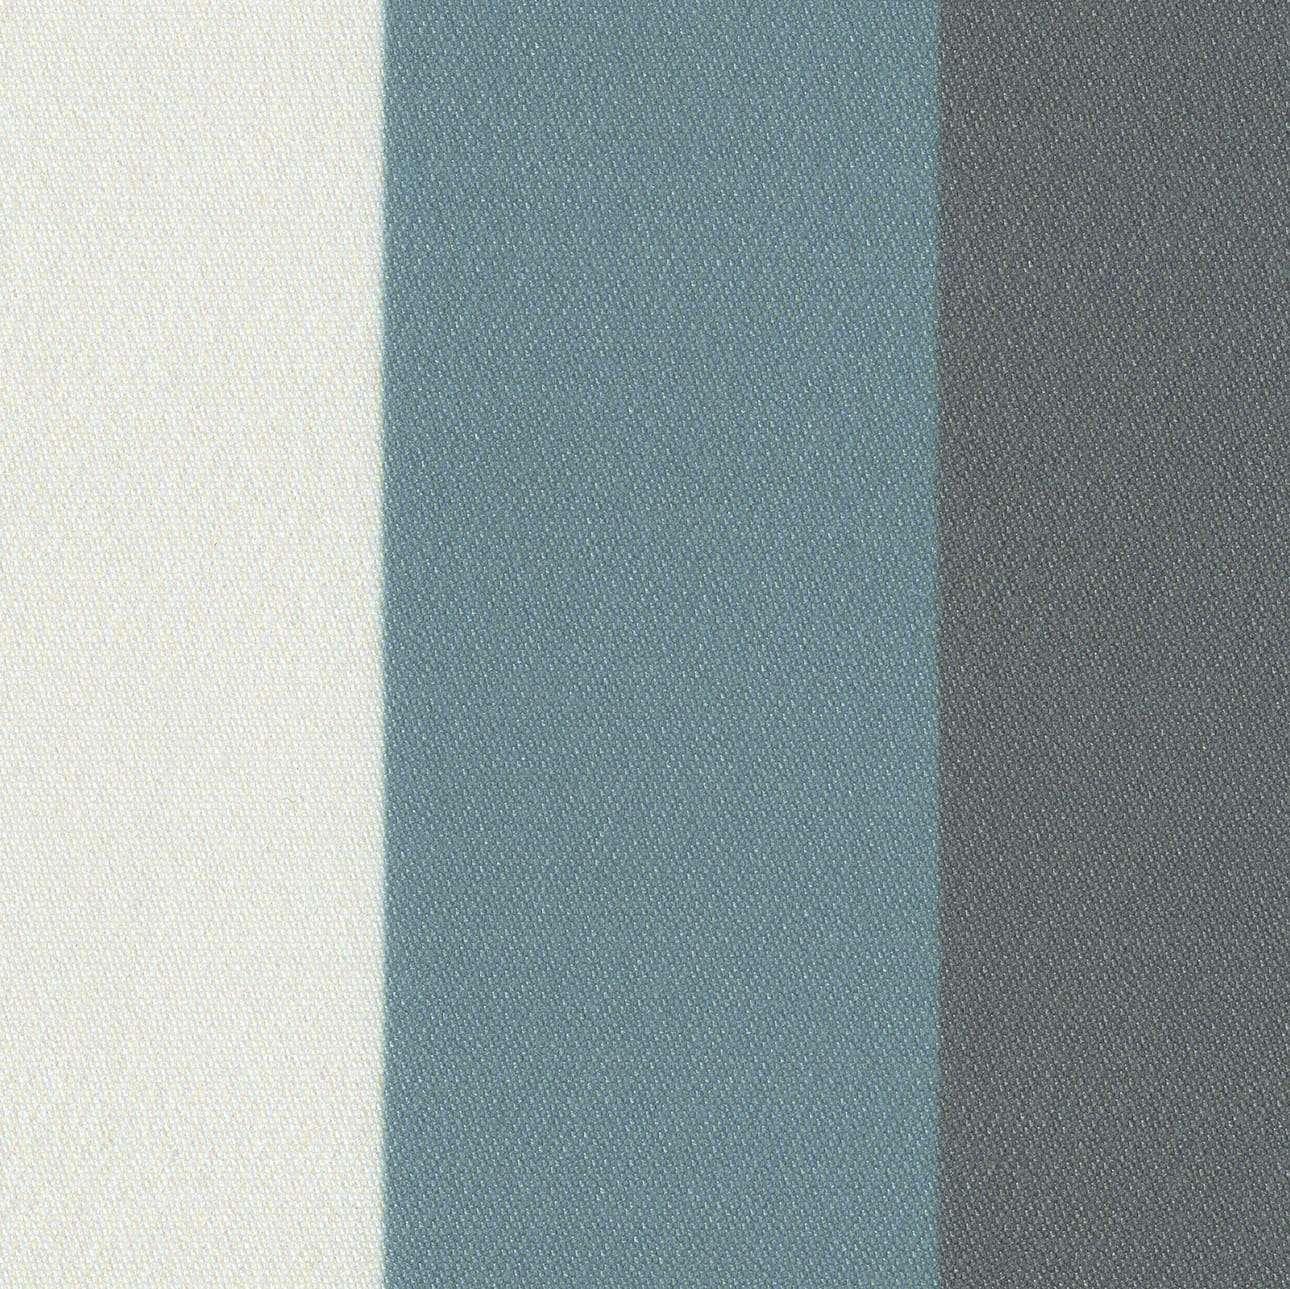 Pufa kostka w kolekcji Vintage 70's, tkanina: 143-59